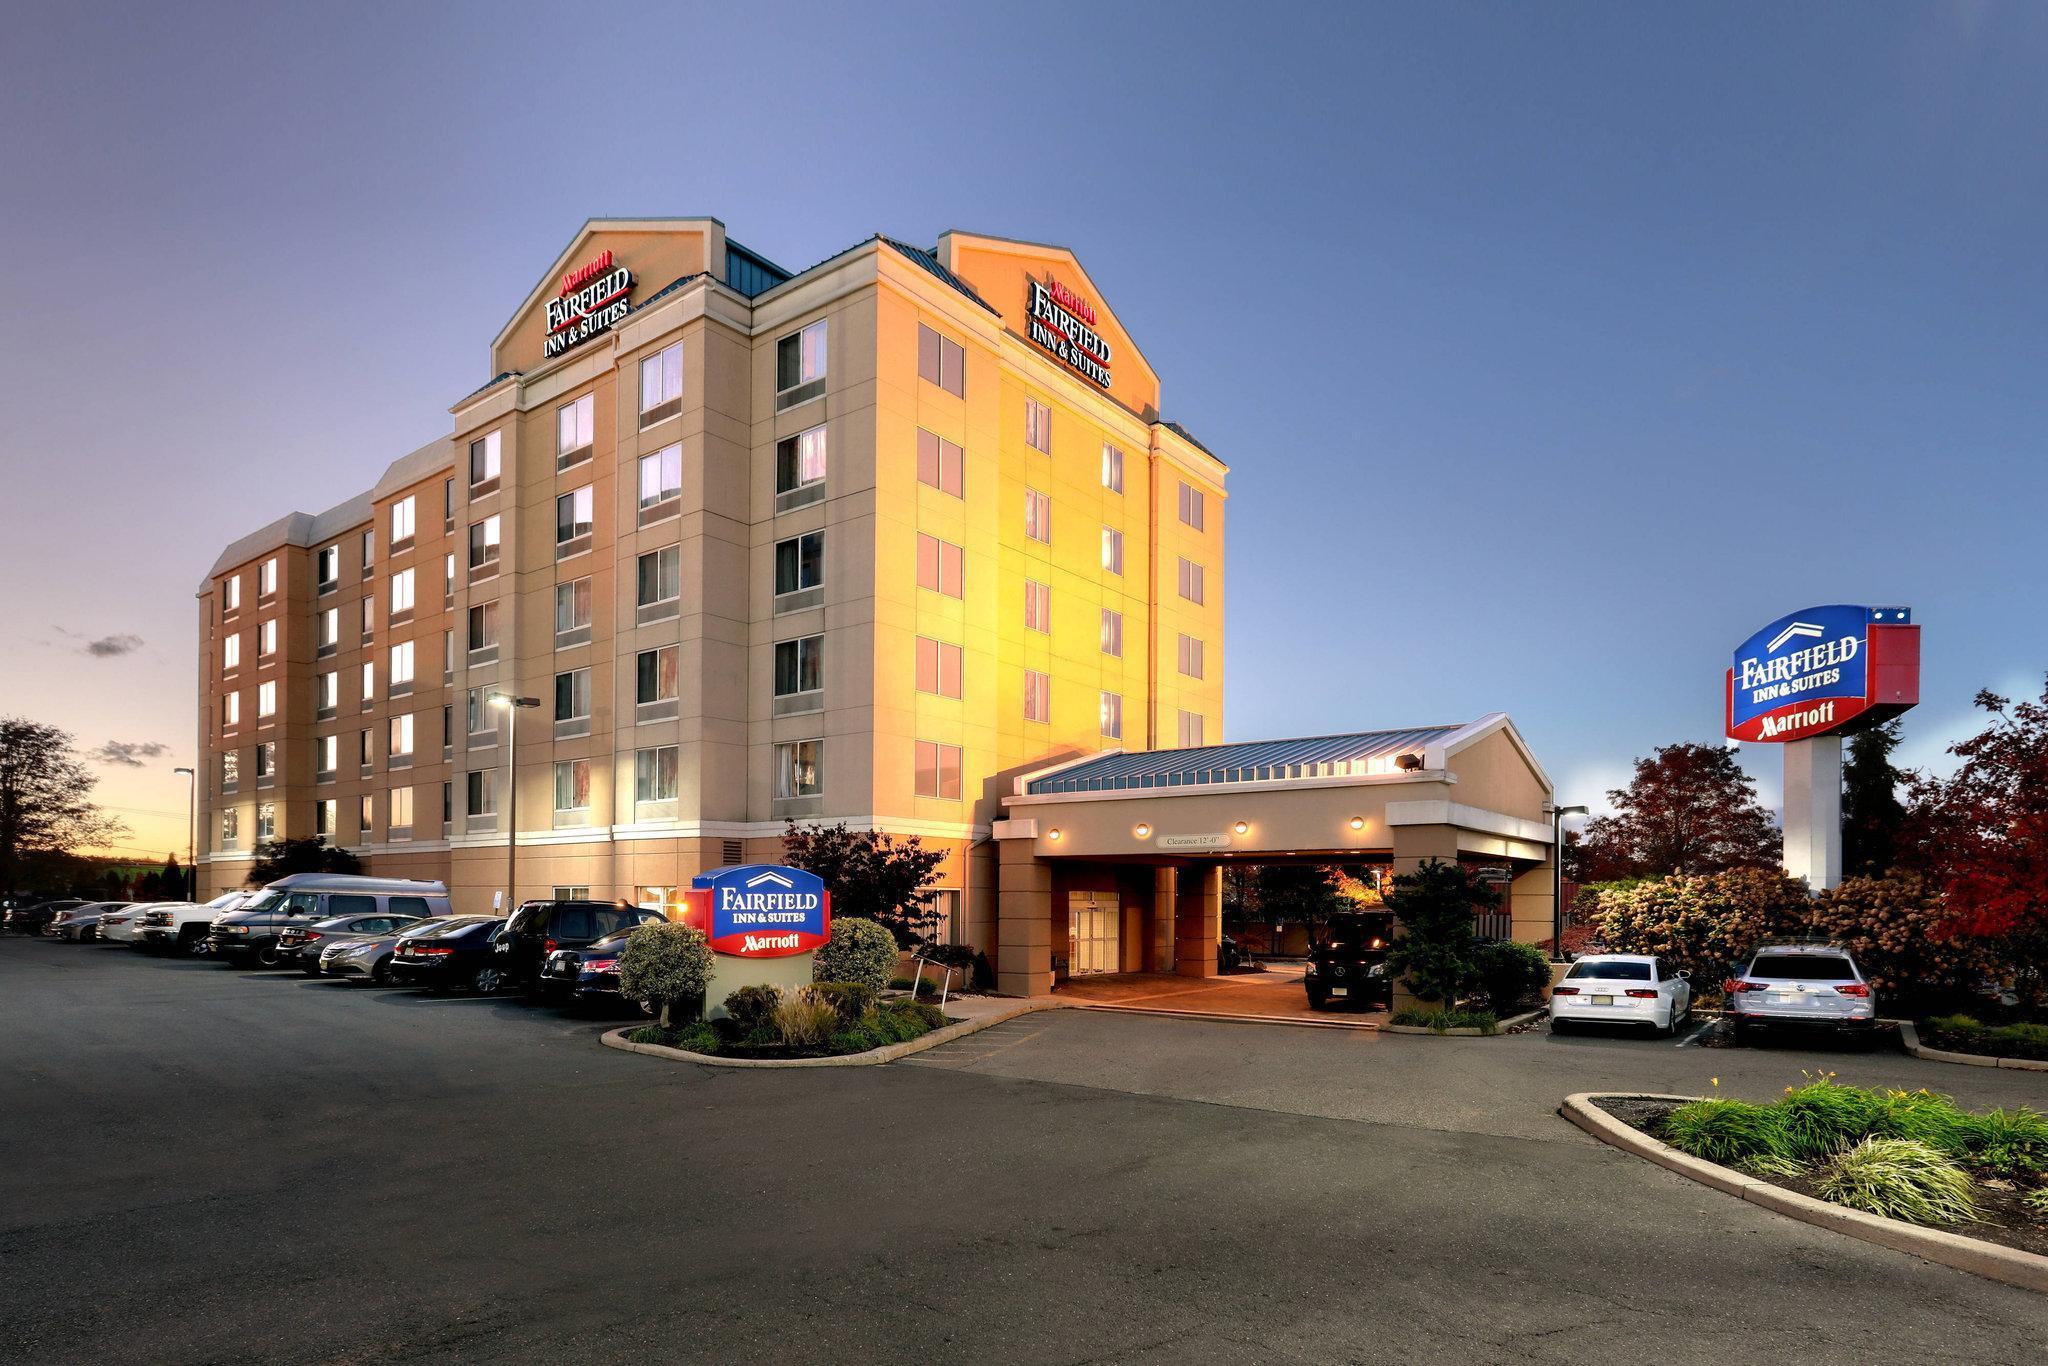 Fairfield Inn & Suites Woodbridge, Union